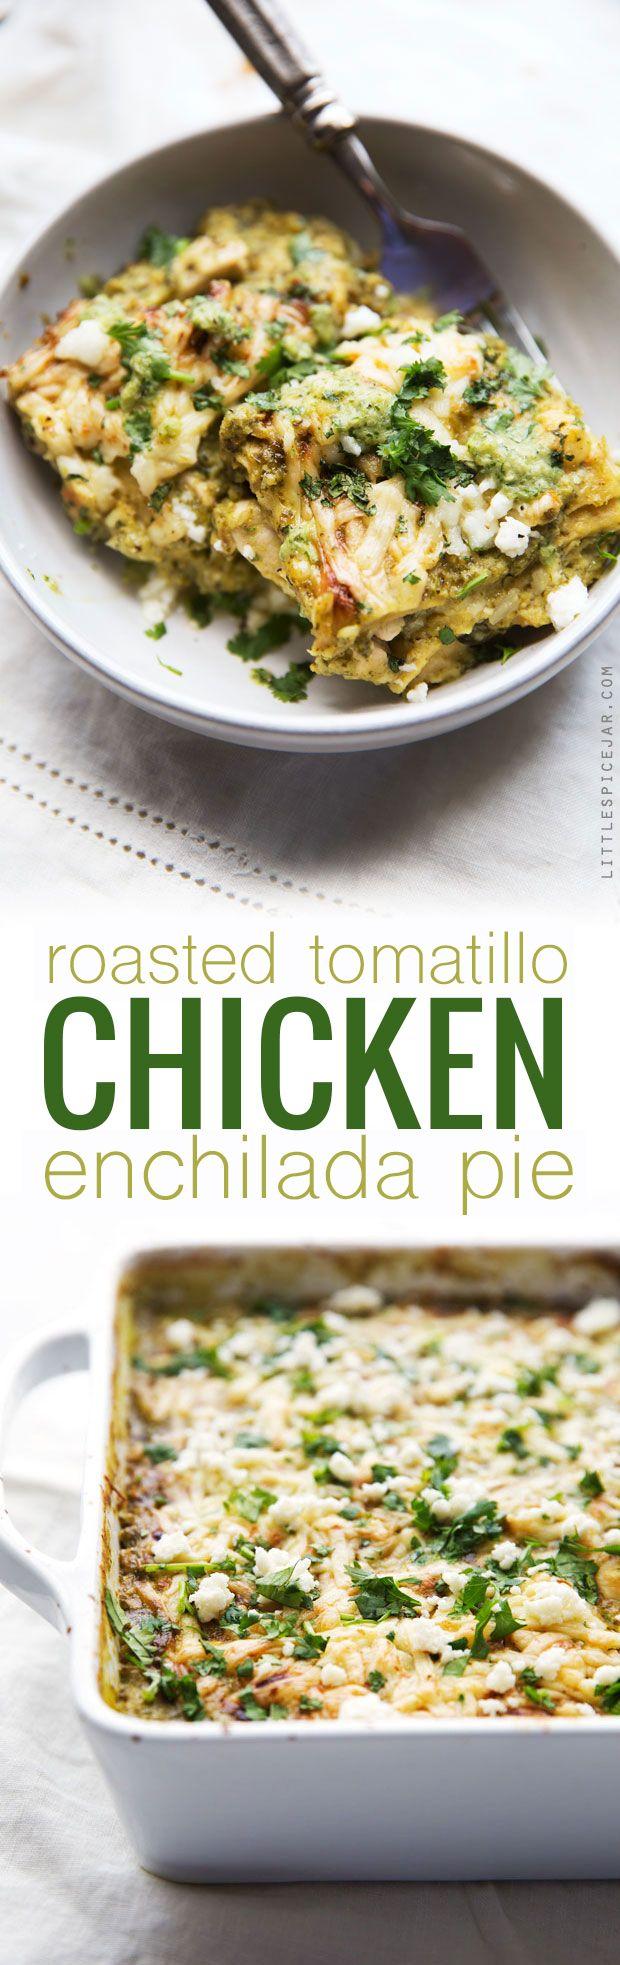 Best 20+ Tomatillo Sauce ideas on Pinterest | Tomatillo ...